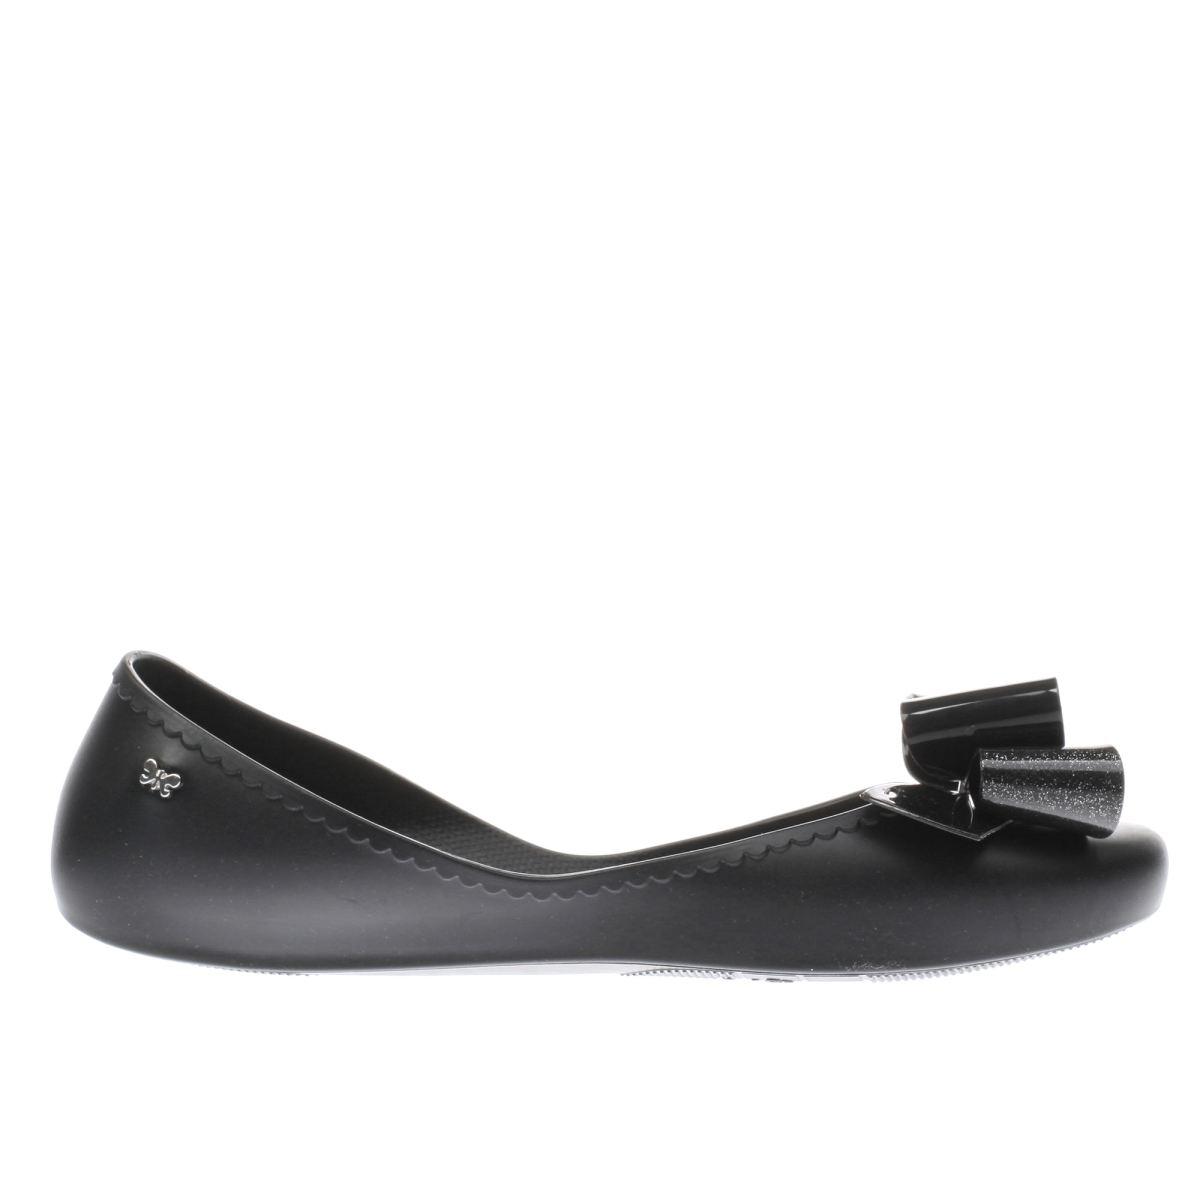 zaxy black start romance ii flat shoes